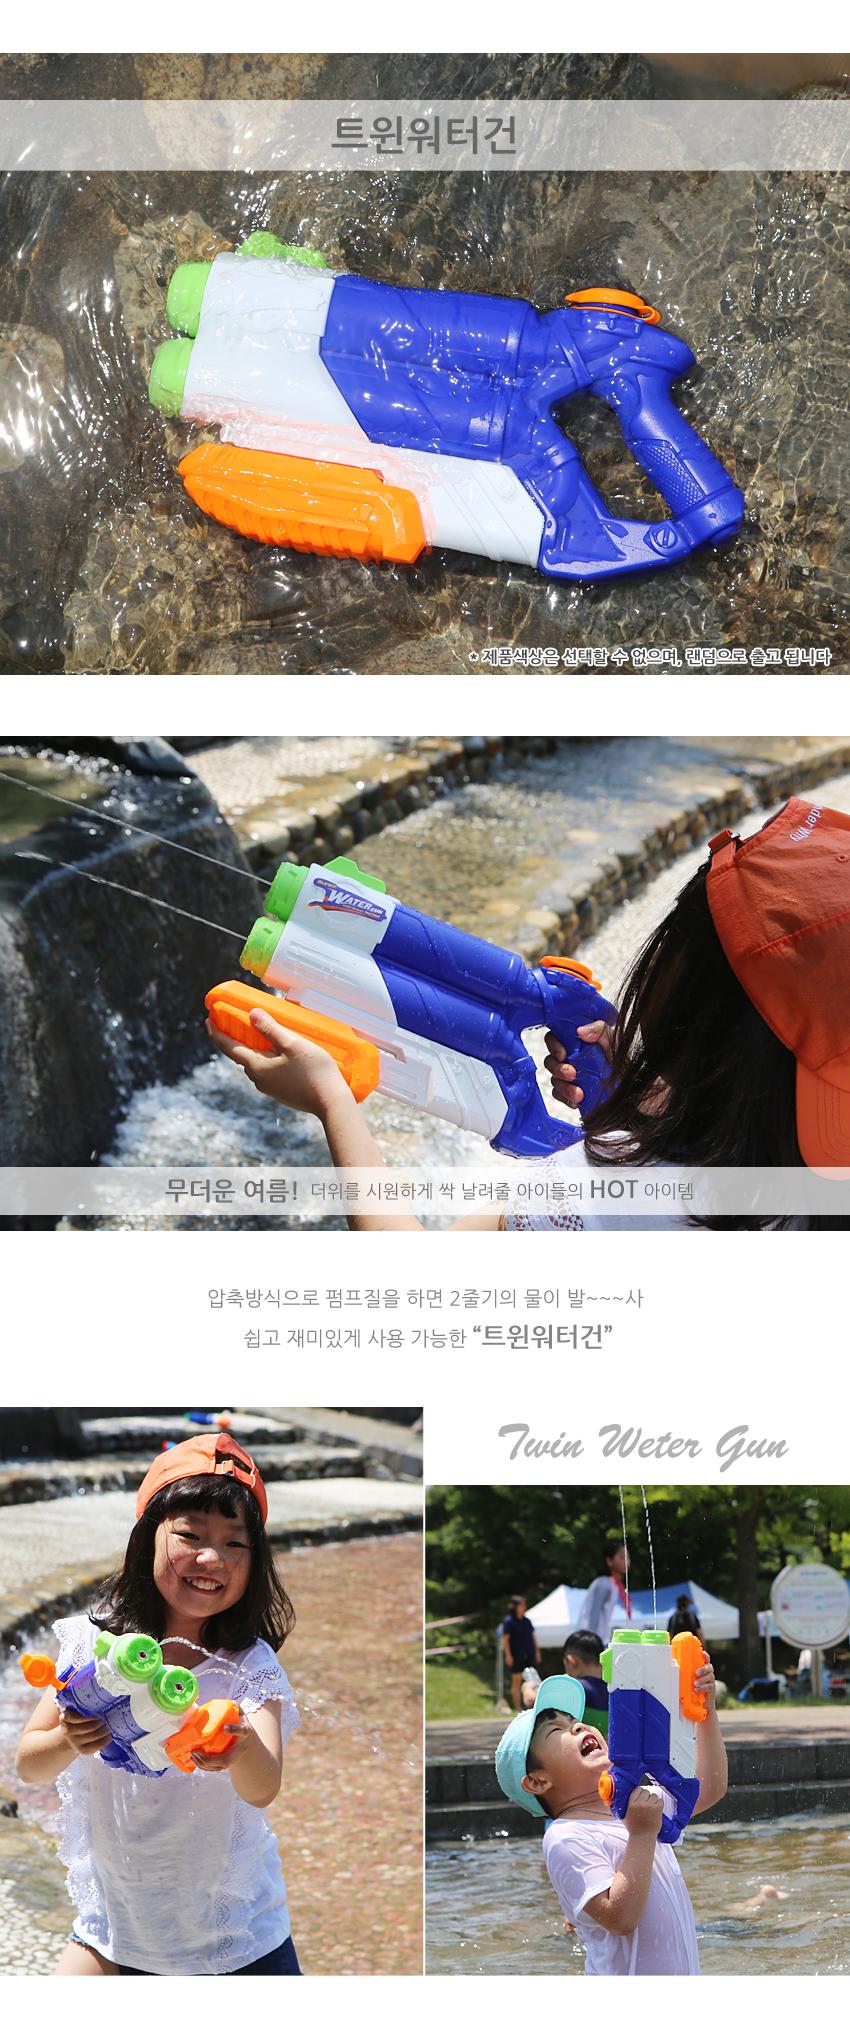 트윈워터건 물총 여름완구 물총축제 여름완구 - 알사탕닷컴, 11,300원, 장난감총, 물총